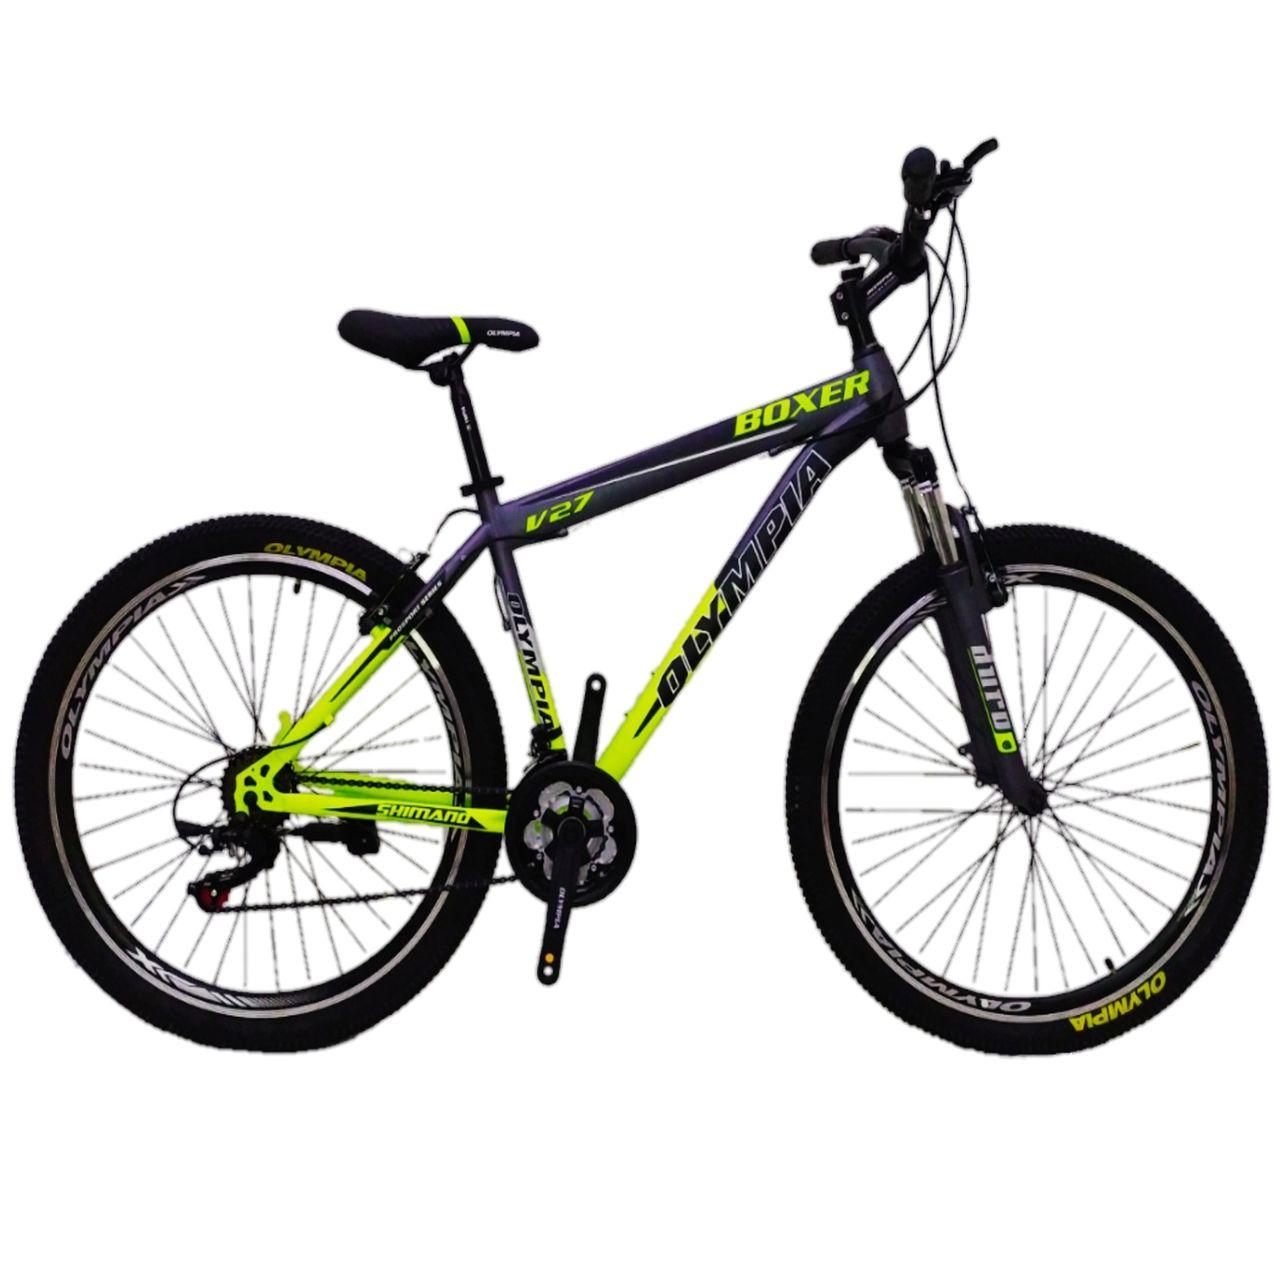 دوچرخه کوهستان المپیا مدل BOXER سایز 27.5